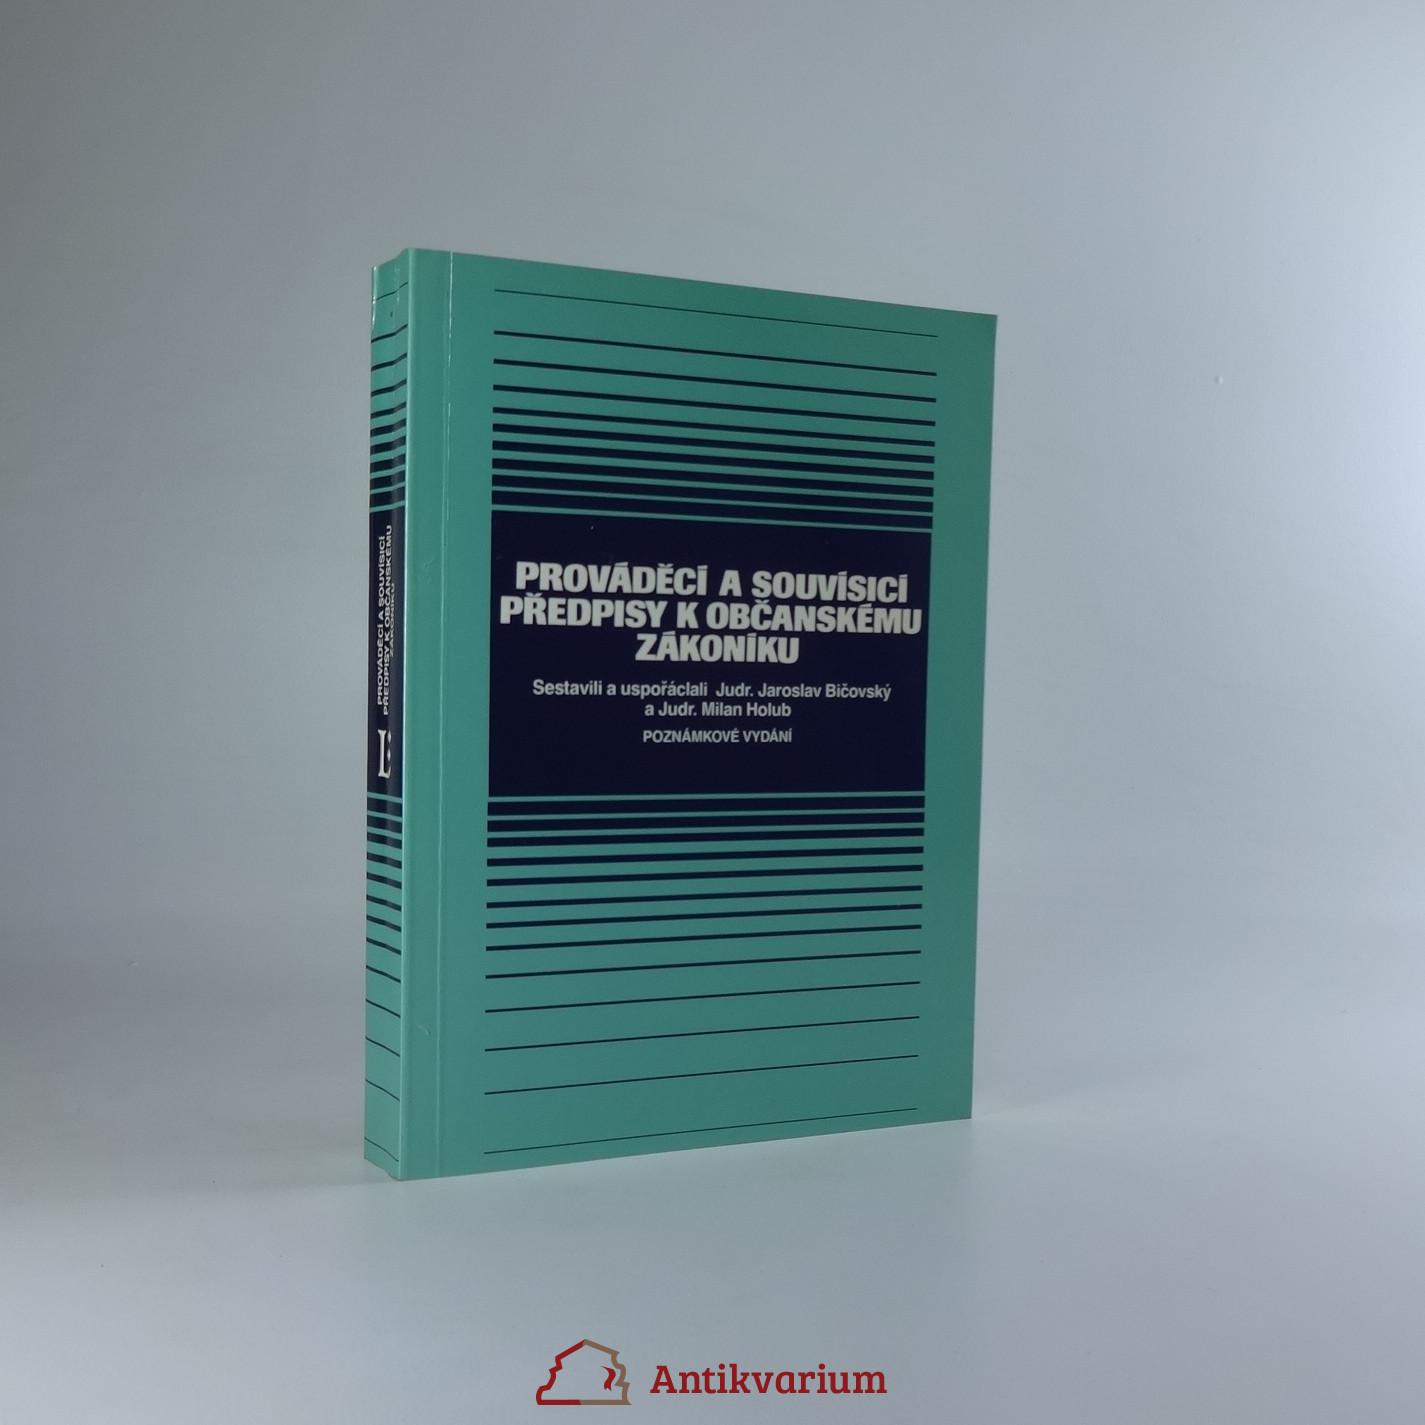 antikvární kniha Prováděcí a souvisící předpisy k občanskému zákoníku. 2. díl, 1992